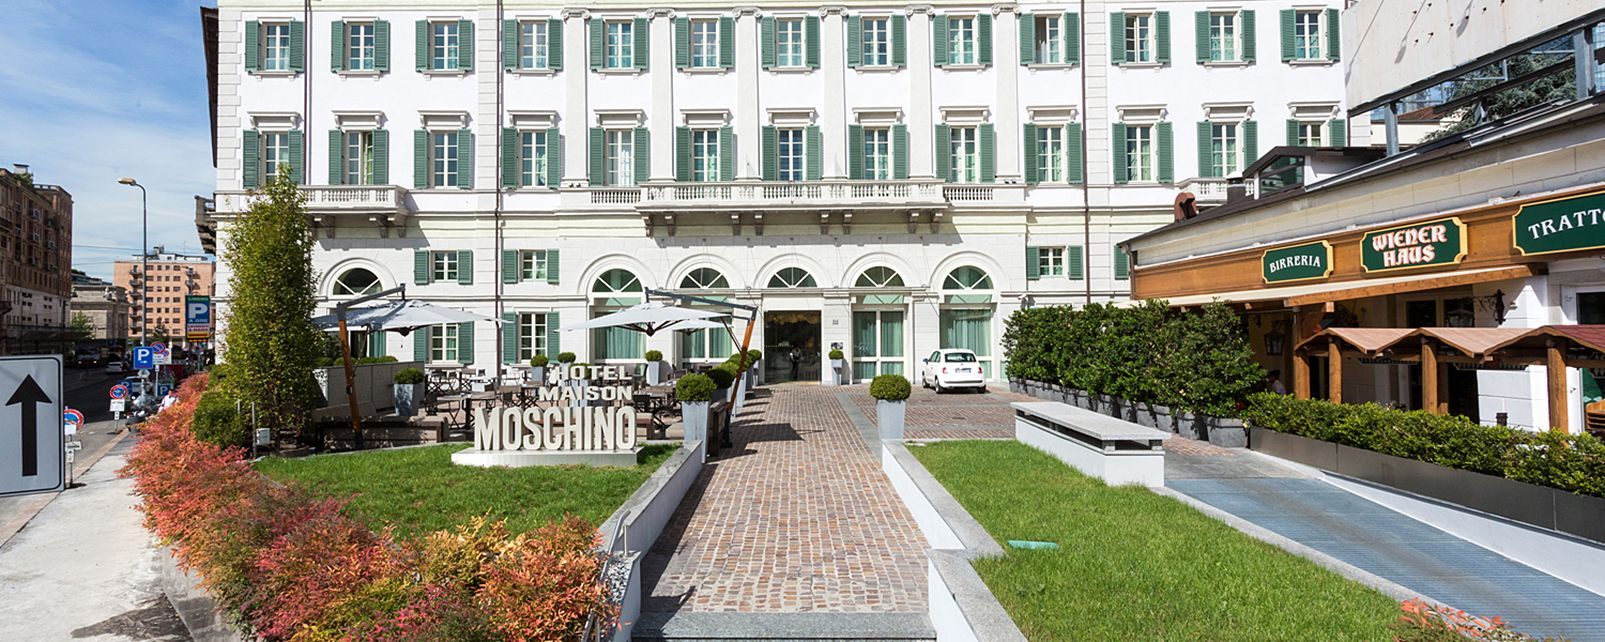 Hotel Maison Moschino